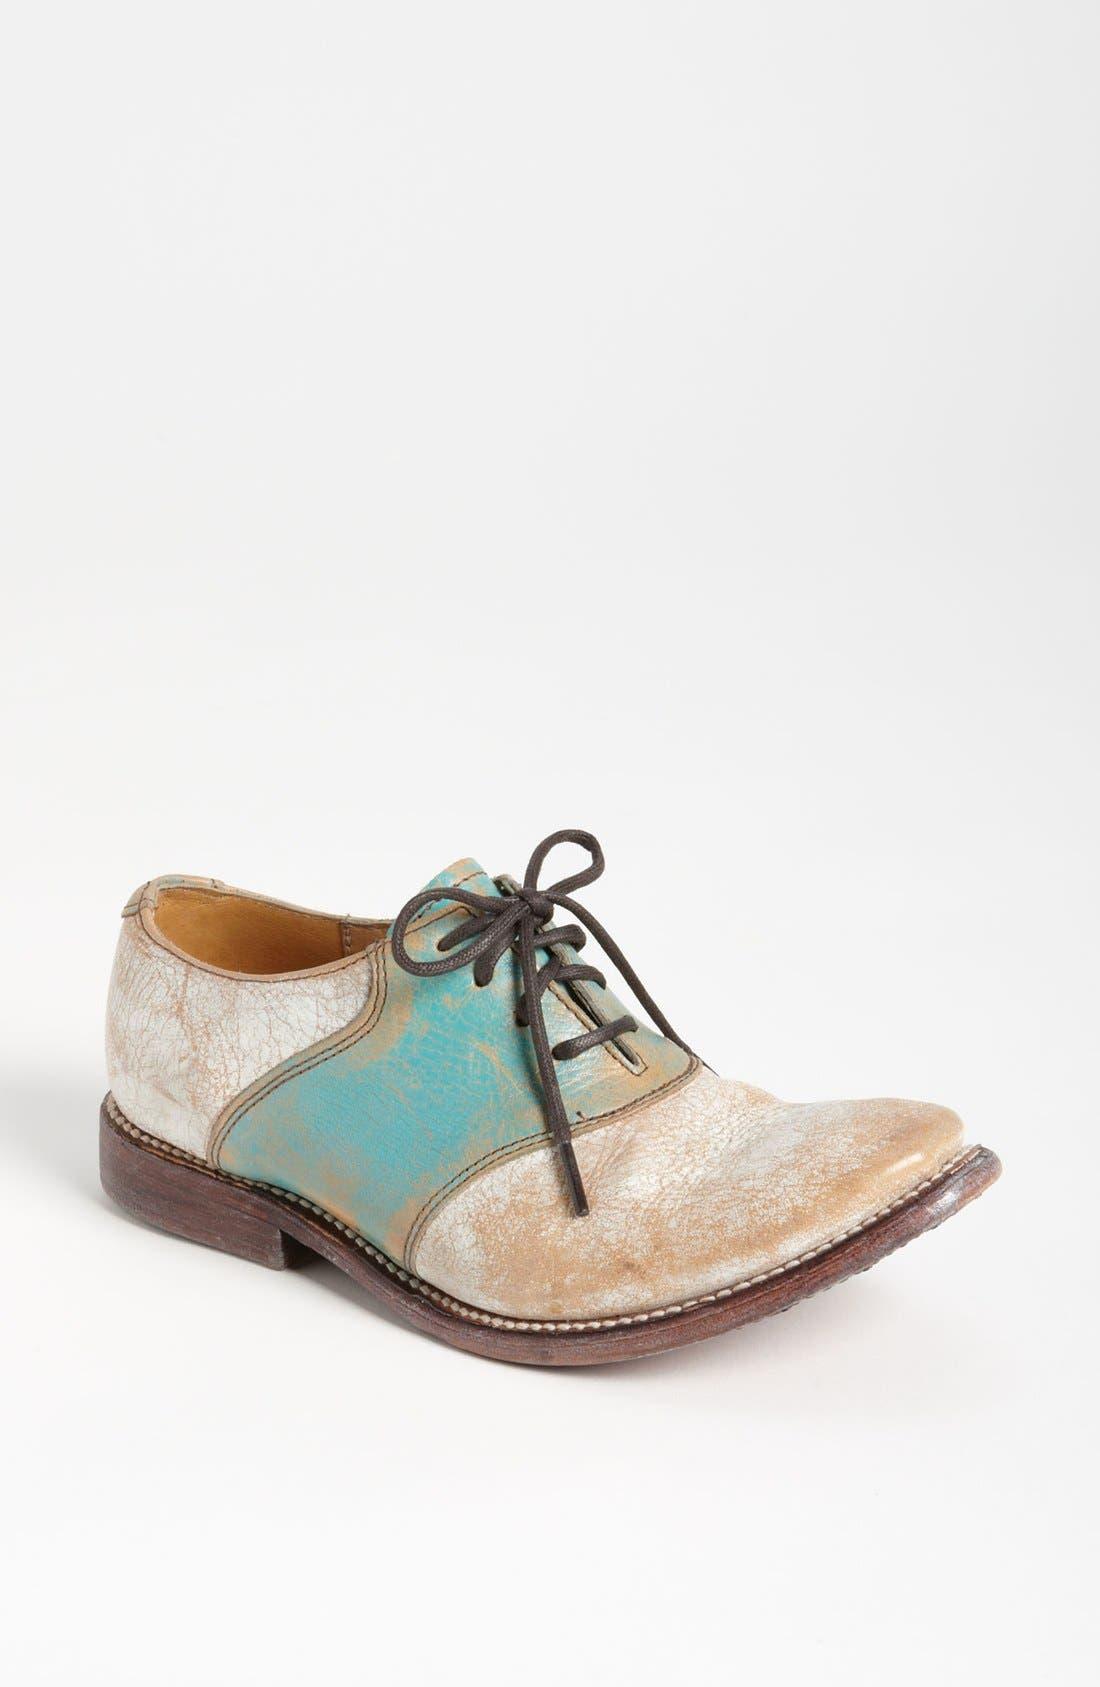 Main Image - Bed Stu 'Fury' Saddle Shoe